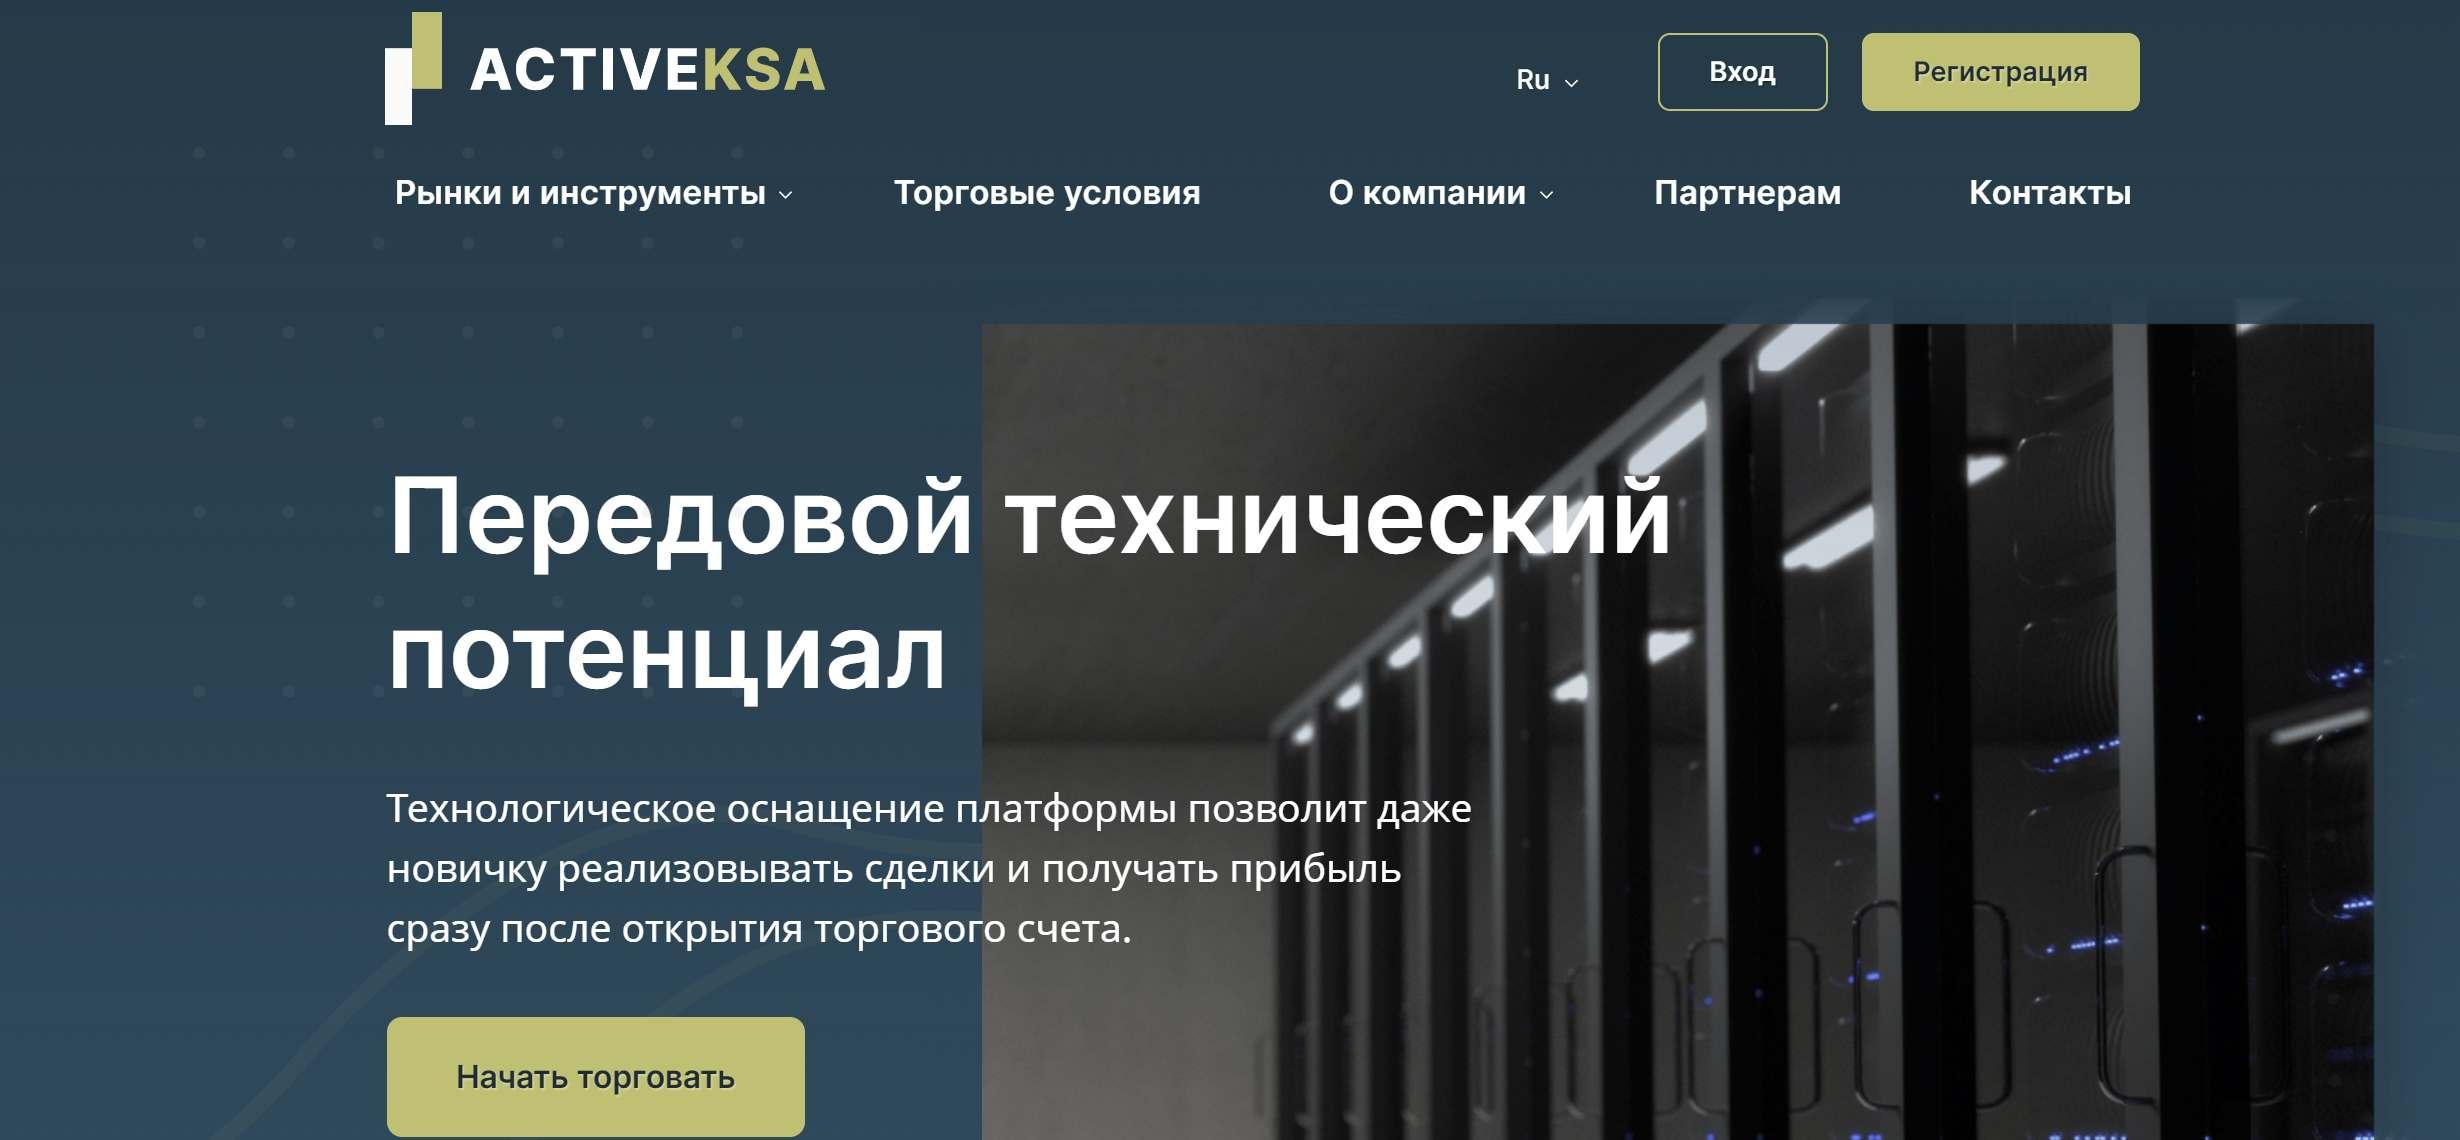 Скам проект для активных трейдеров (ACTIVEKSA) - сливаем 5000 долларов?!